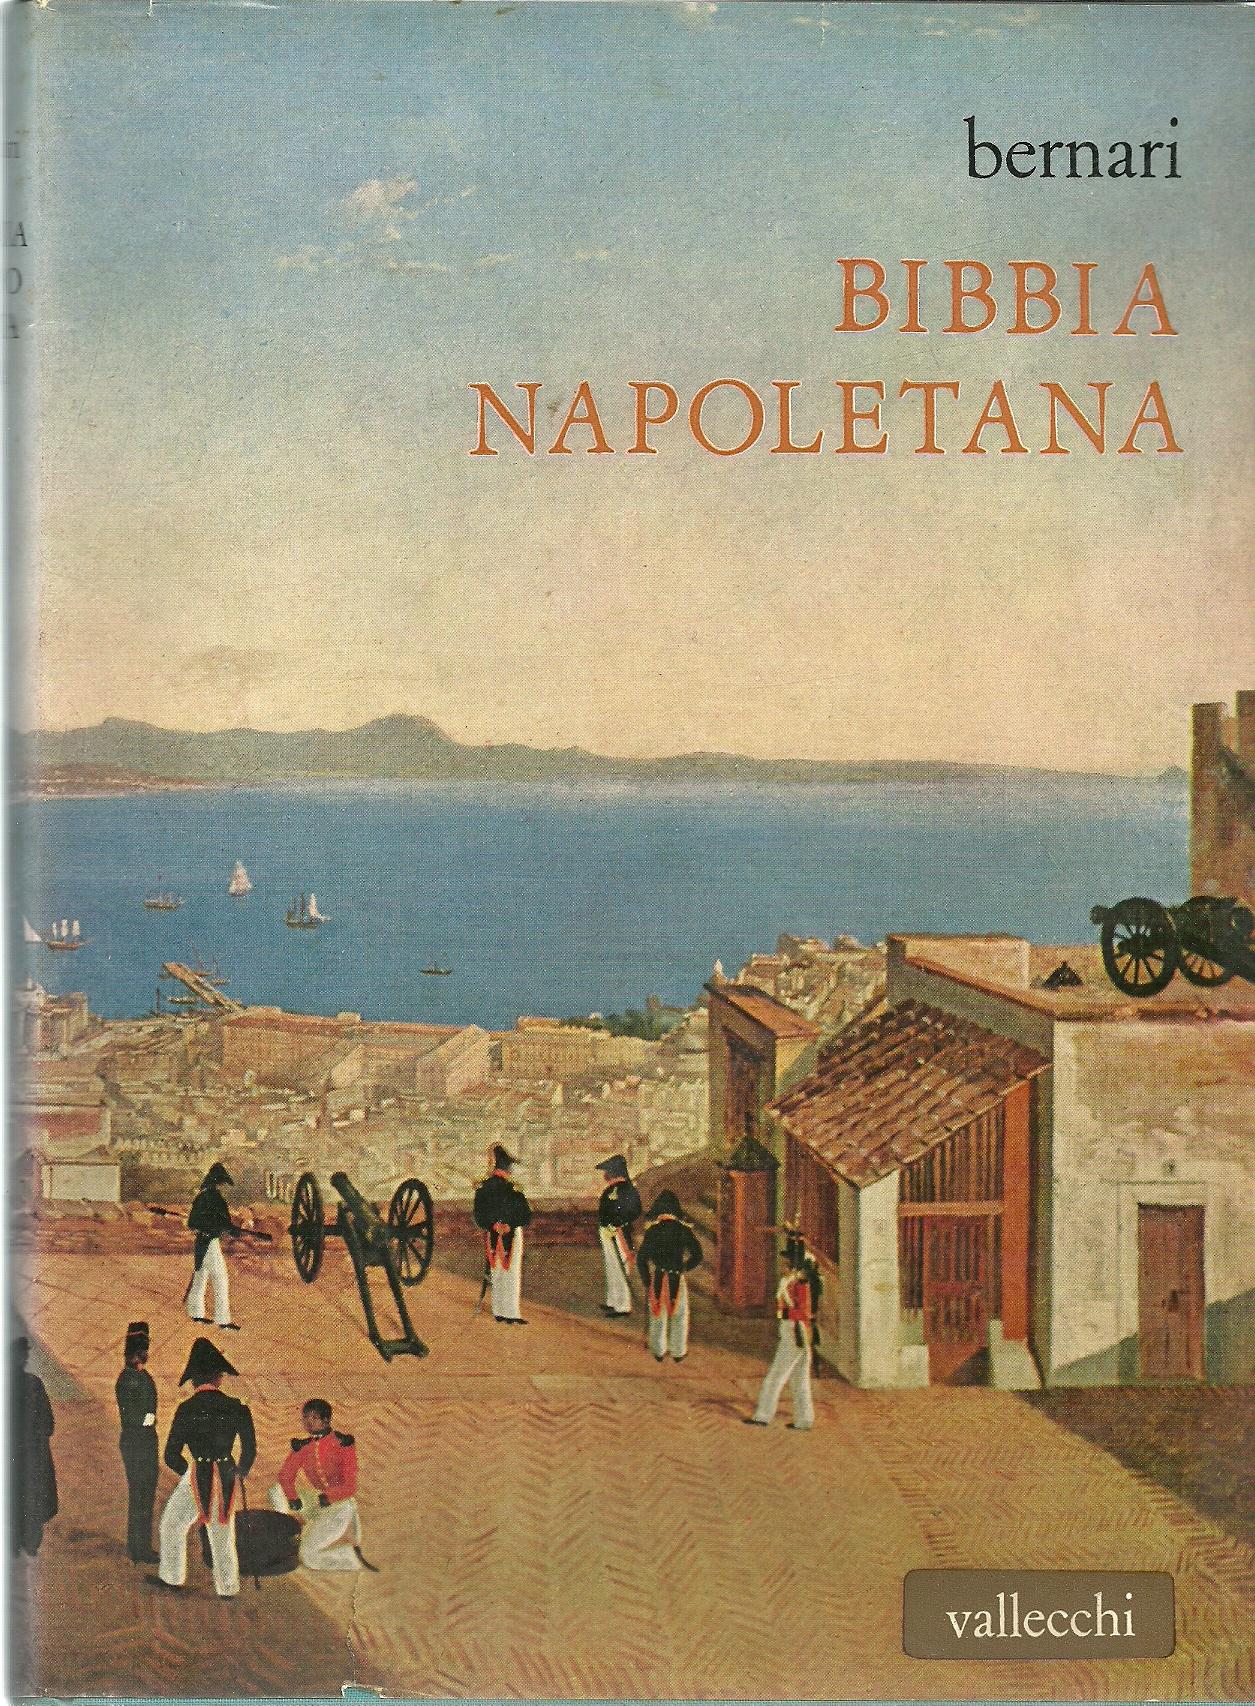 Bibbia napoletana